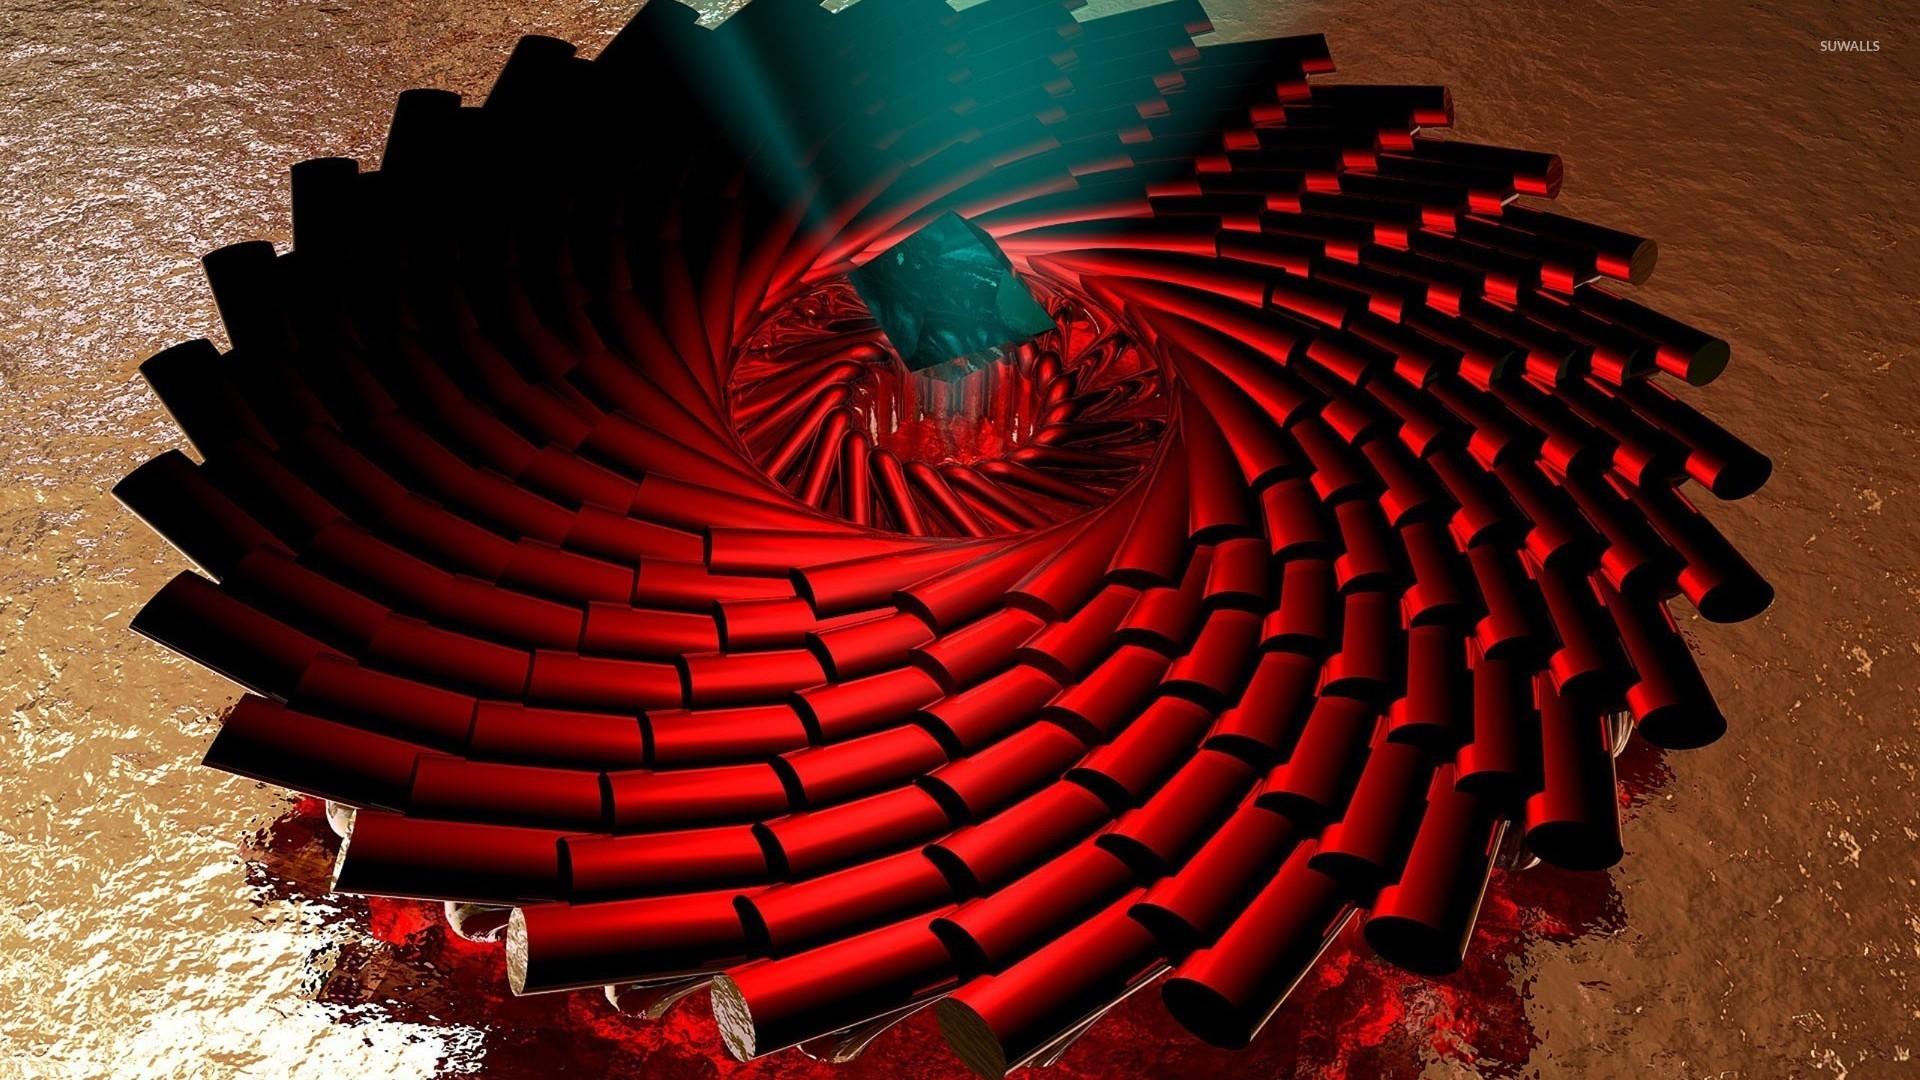 Spiraling red pillars wallpaper 3d wallpapers 24536 for Red 3d wallpaper